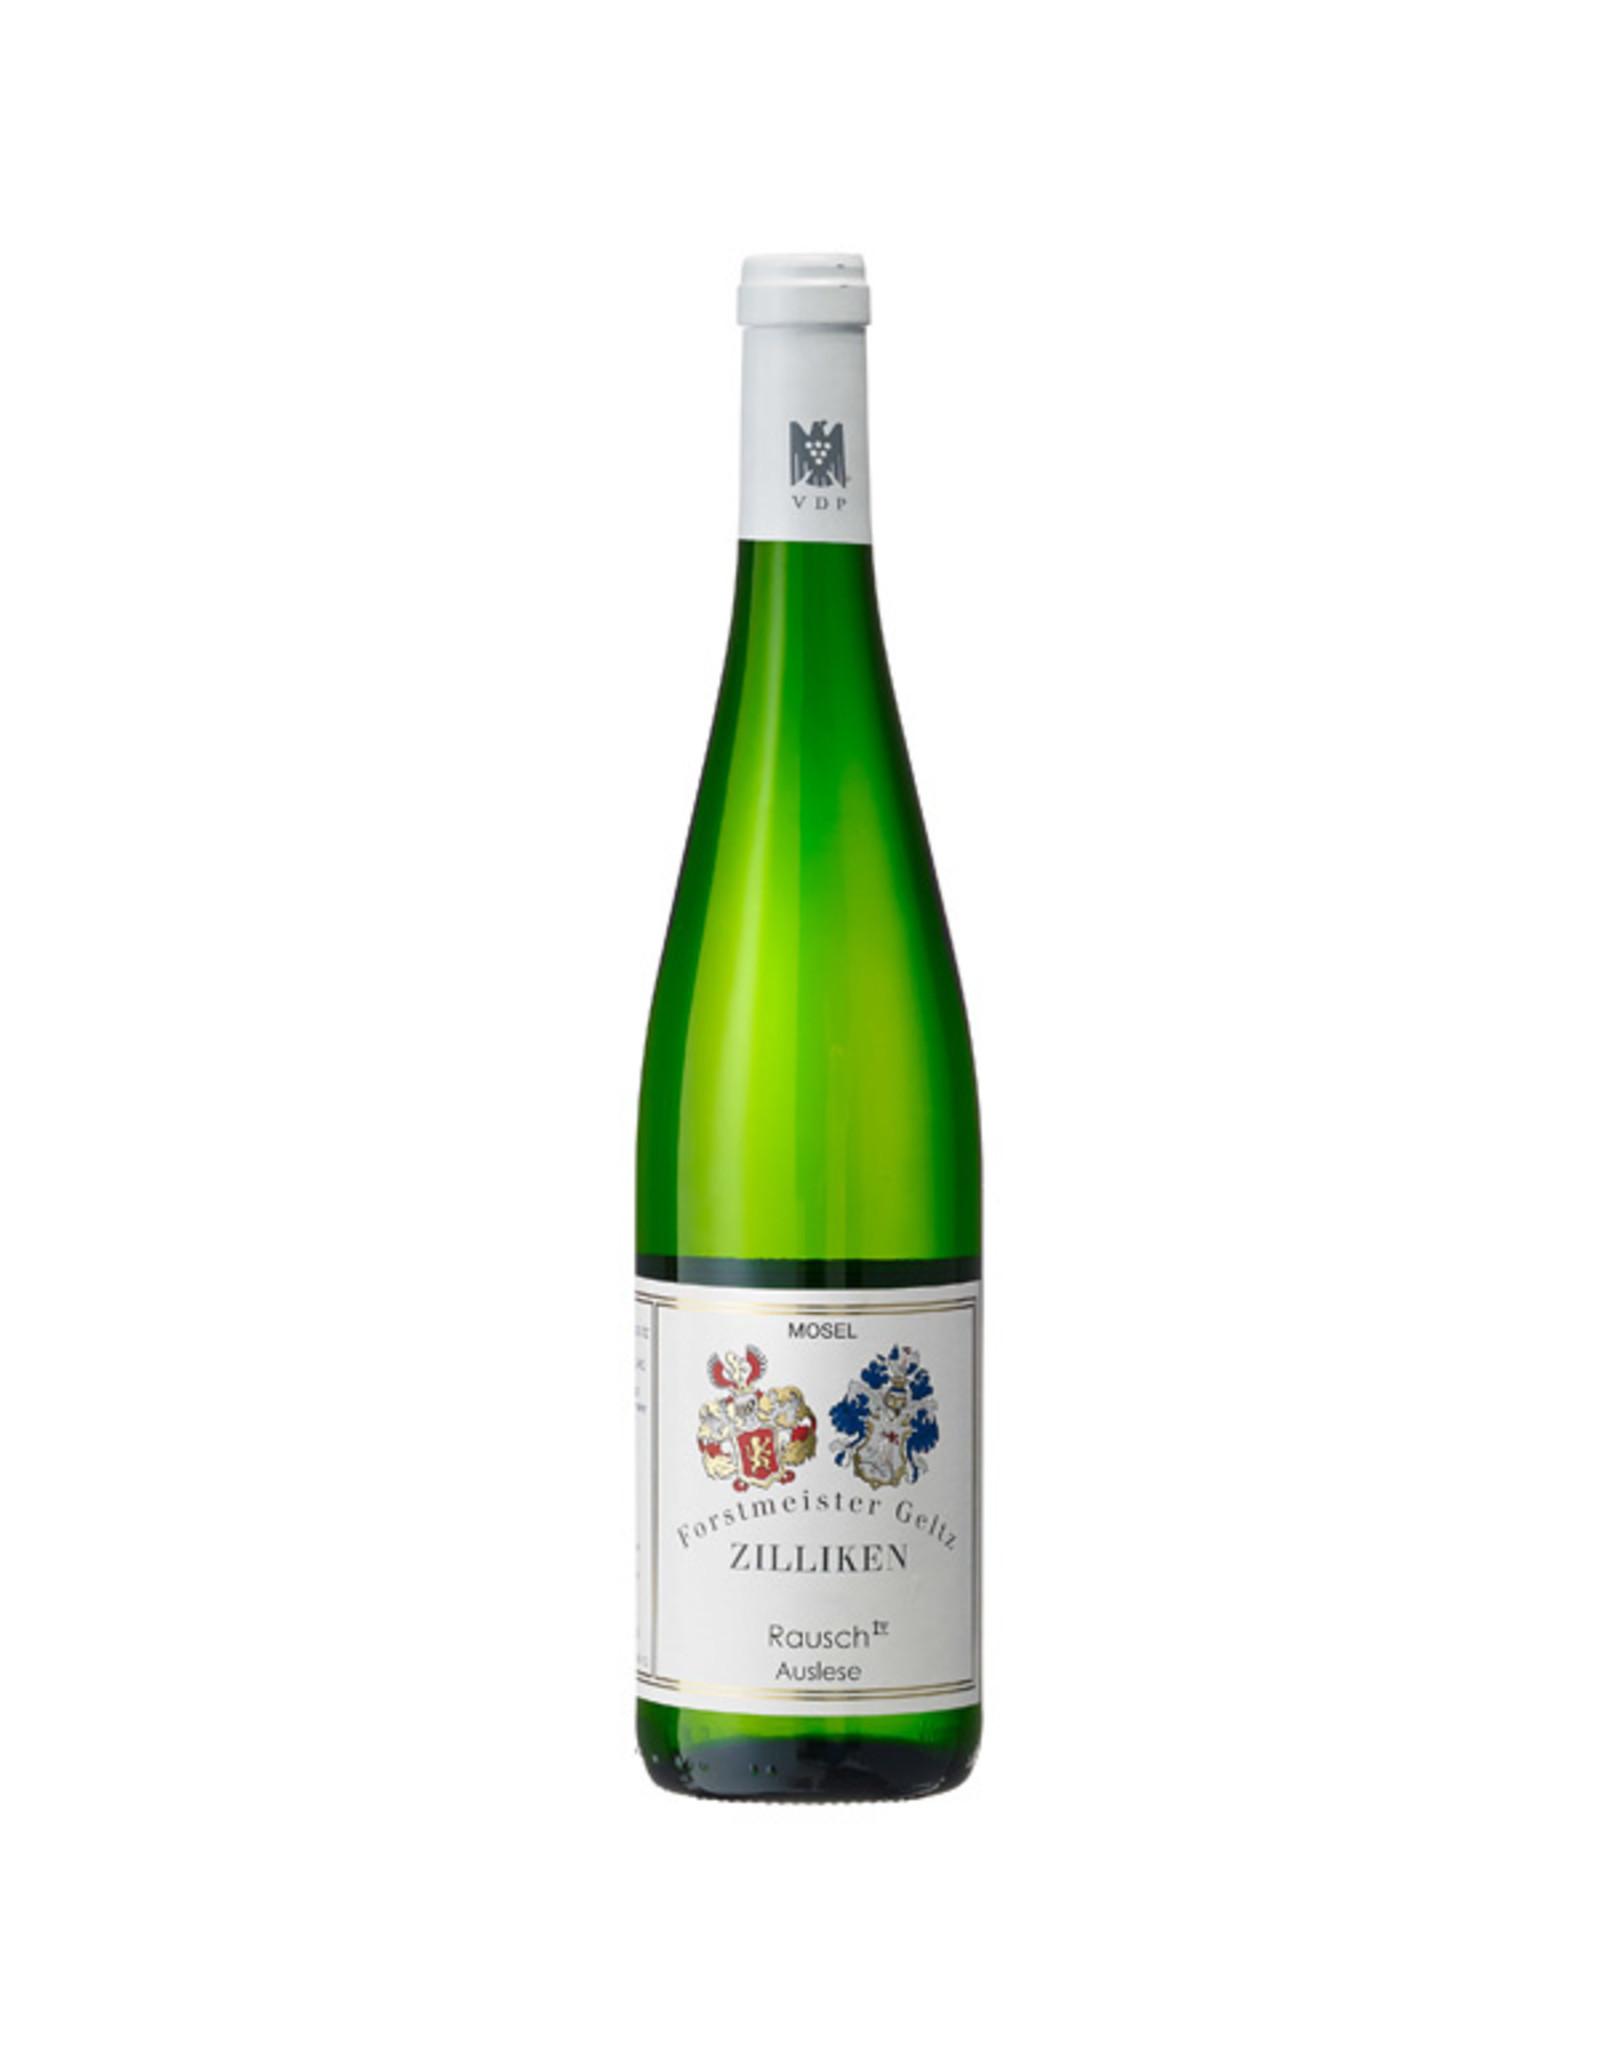 Weingut Forstmeister Geltz Zilliken, Saarburg Zilliken Rausch Auslese 2003